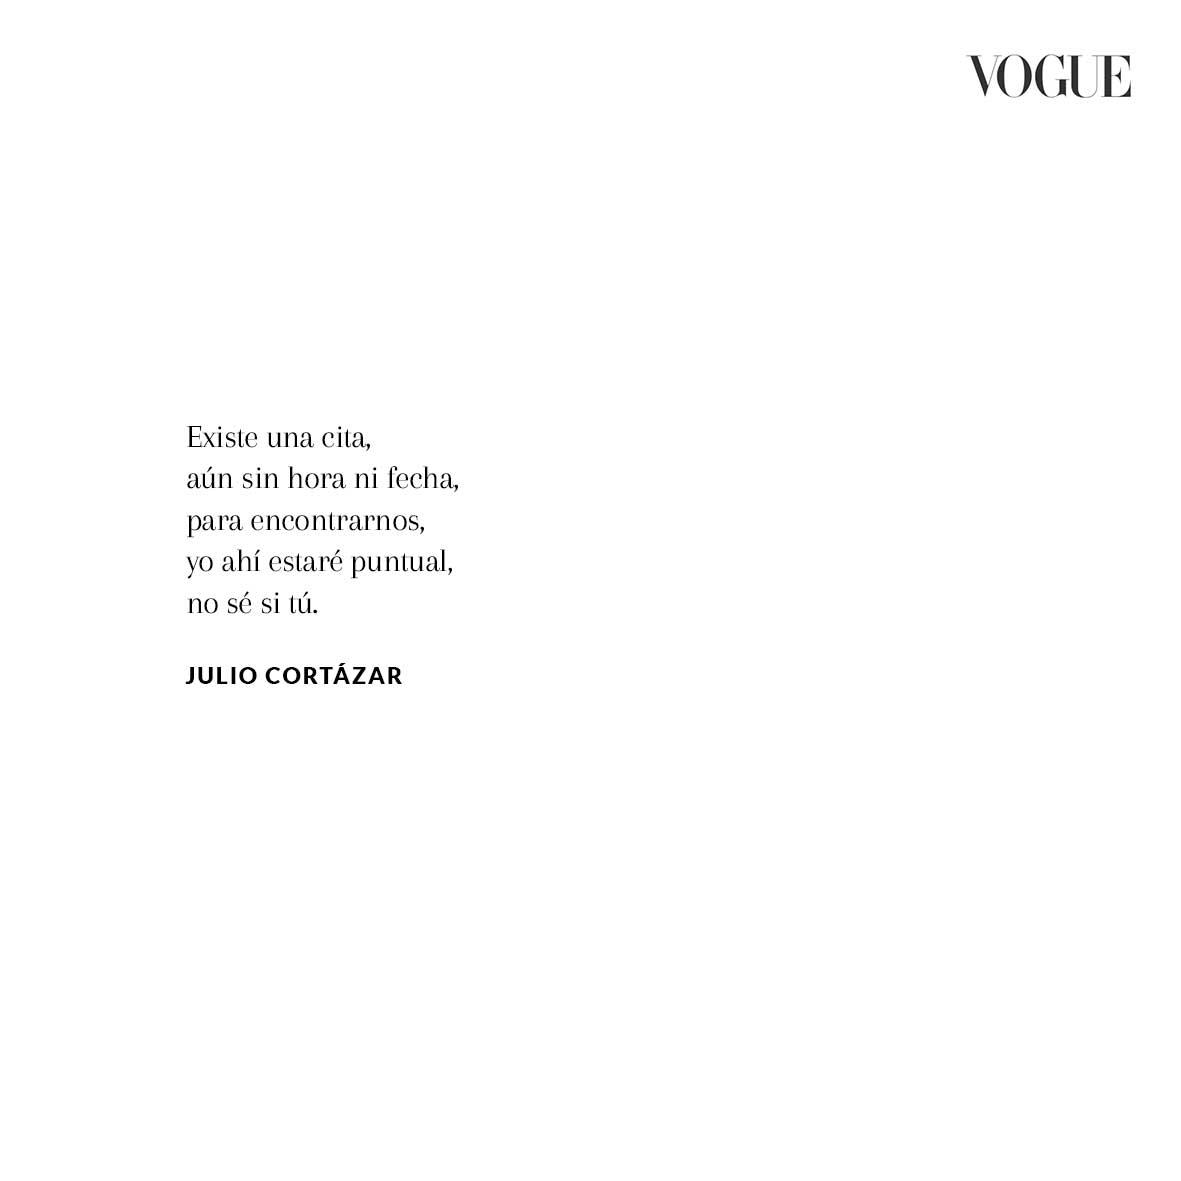 El amor según algunos escritores latinoamericanos ❤️